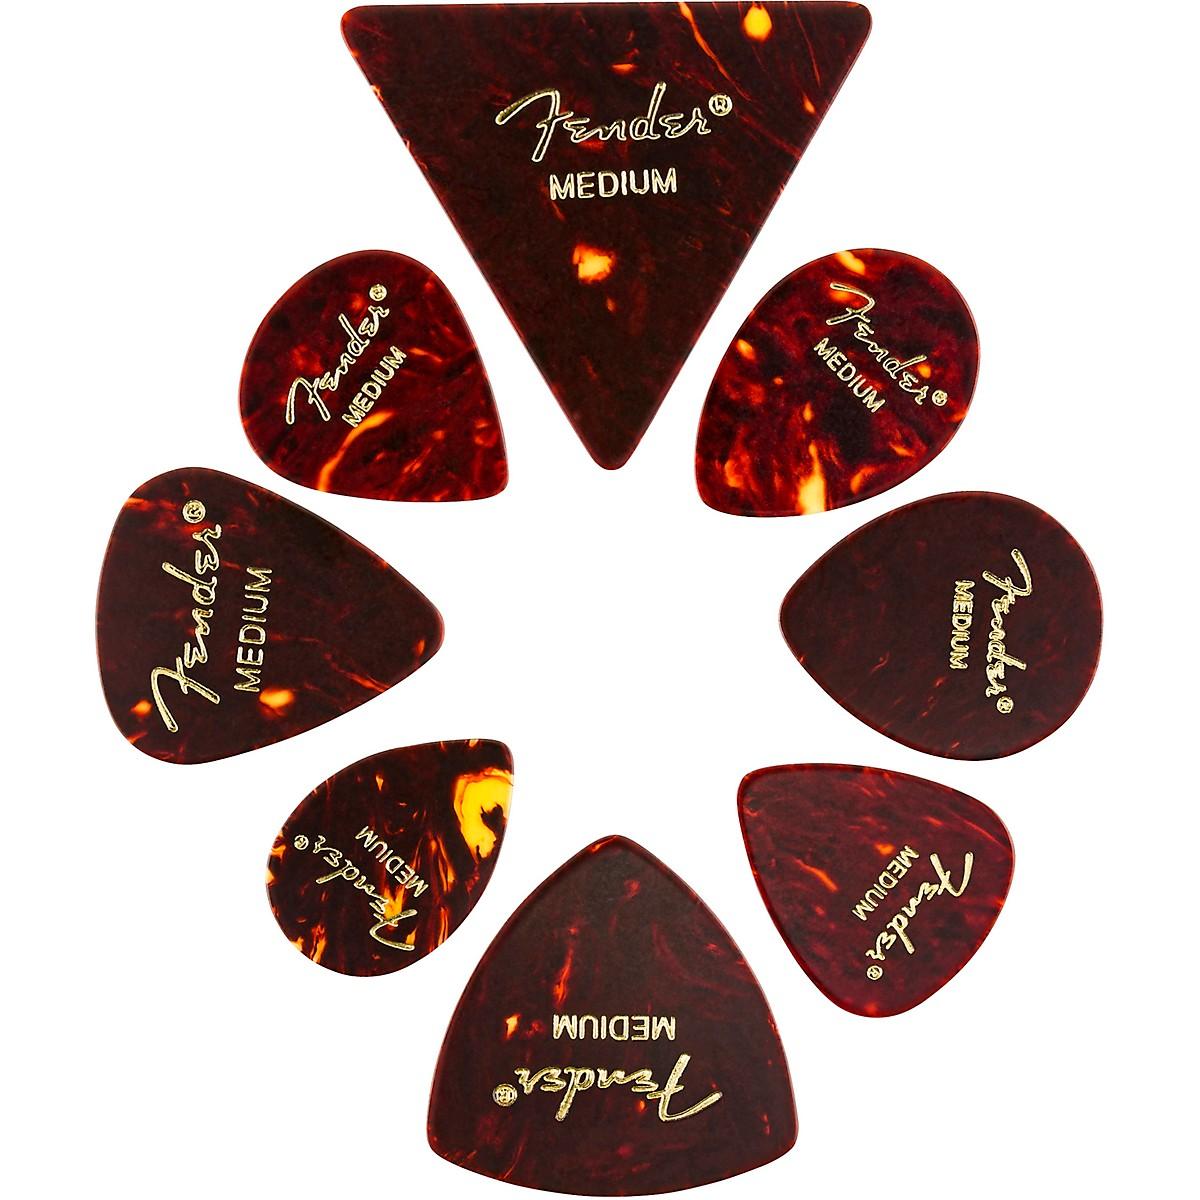 Fender All Shapes Celluloid Medley, Medium Guitar Picks (8-Pack)